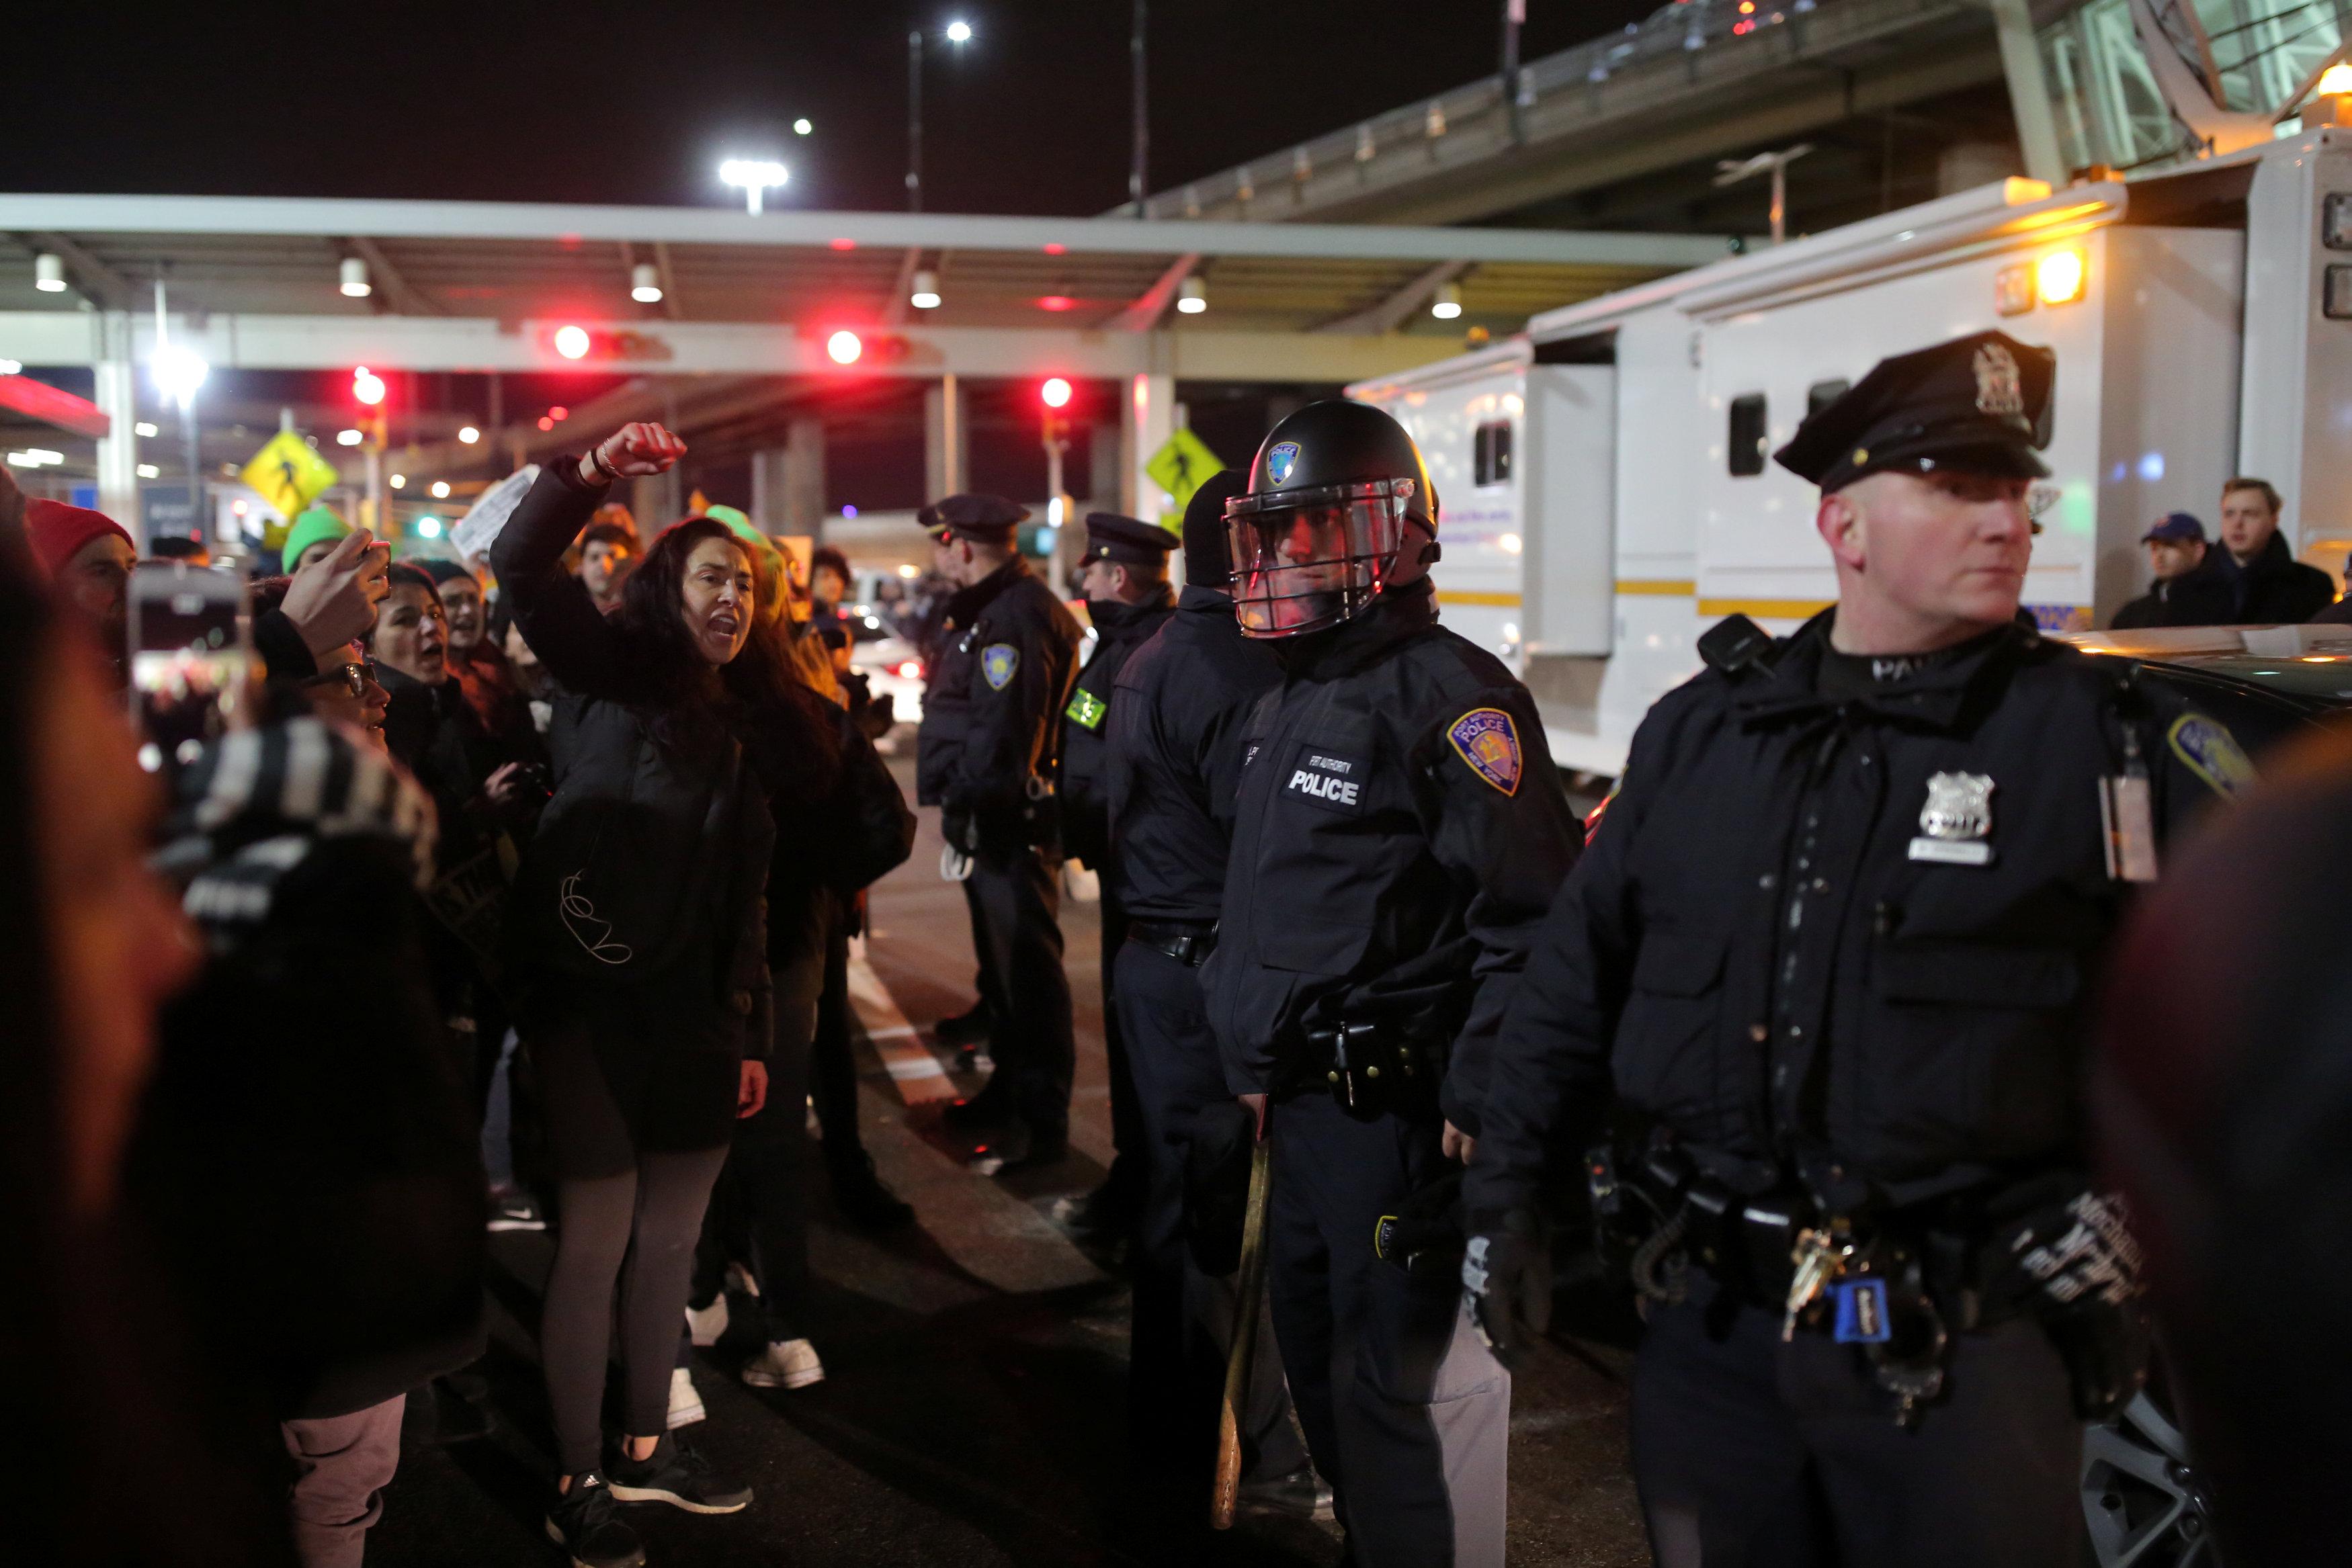 تشديد الإجراءات الأمنية بعد فوضى اجتاحت المطارات بسبب قرارات ترامب